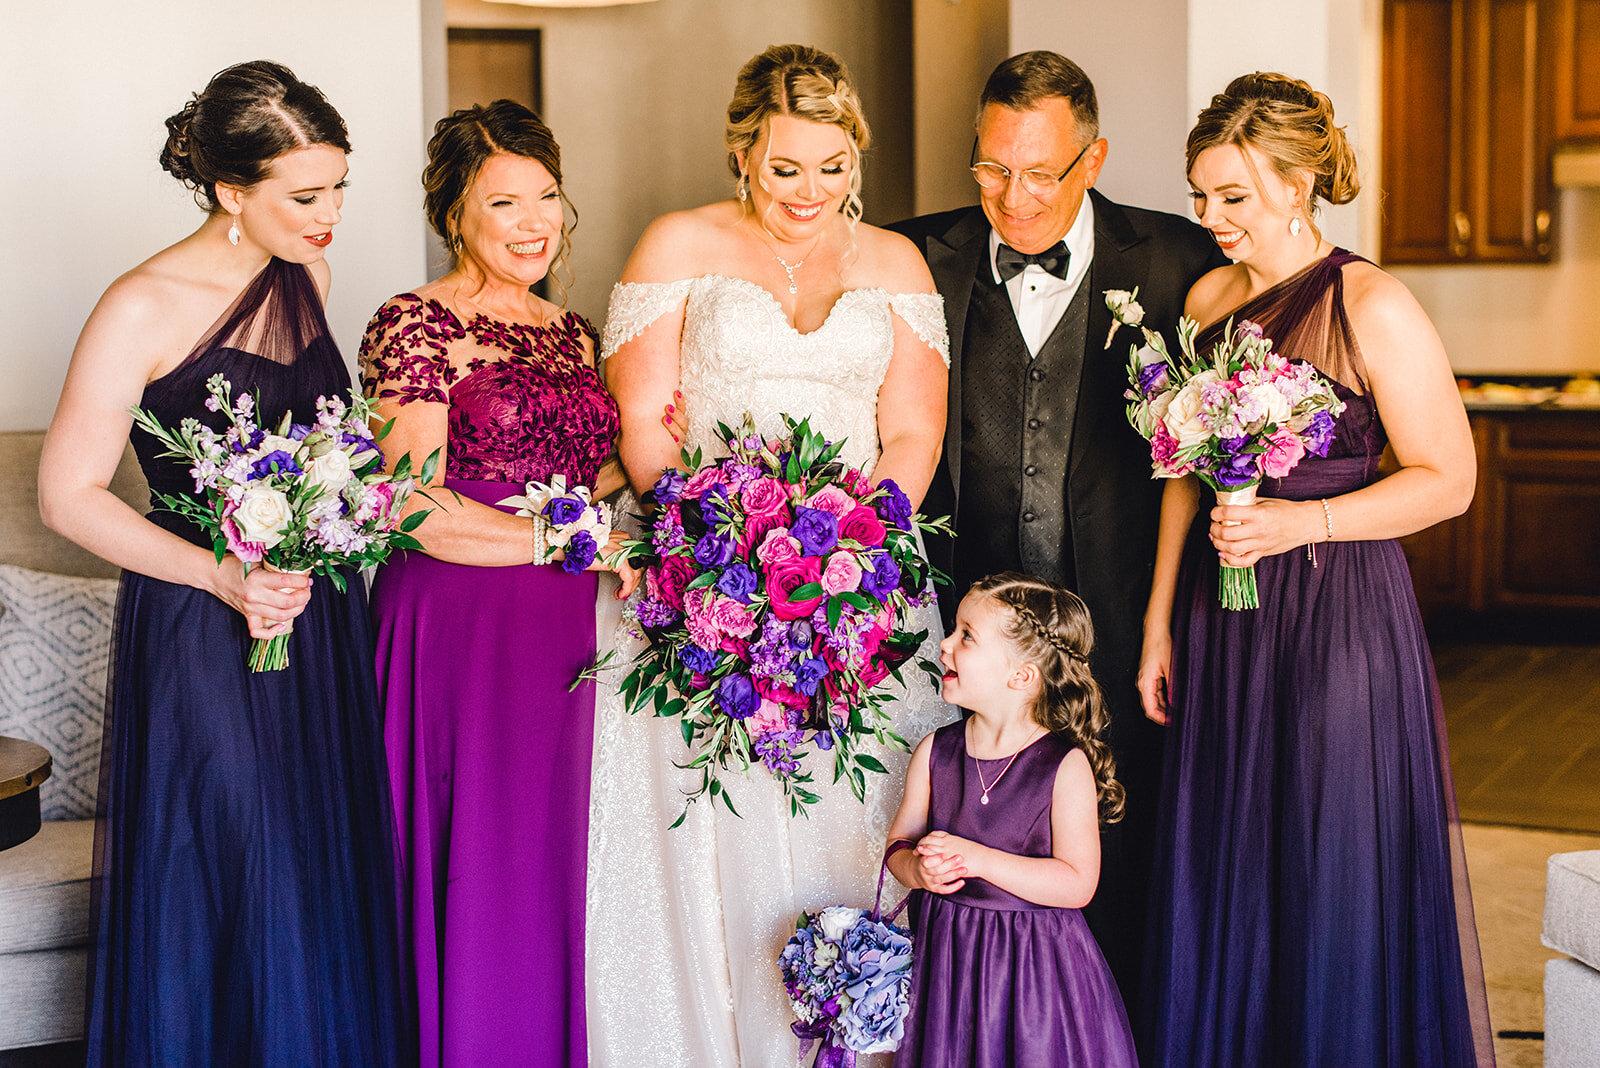 brittany_mark_wyndham_orlando_Bonnet_grand_wedding_(20_of_189).jpg